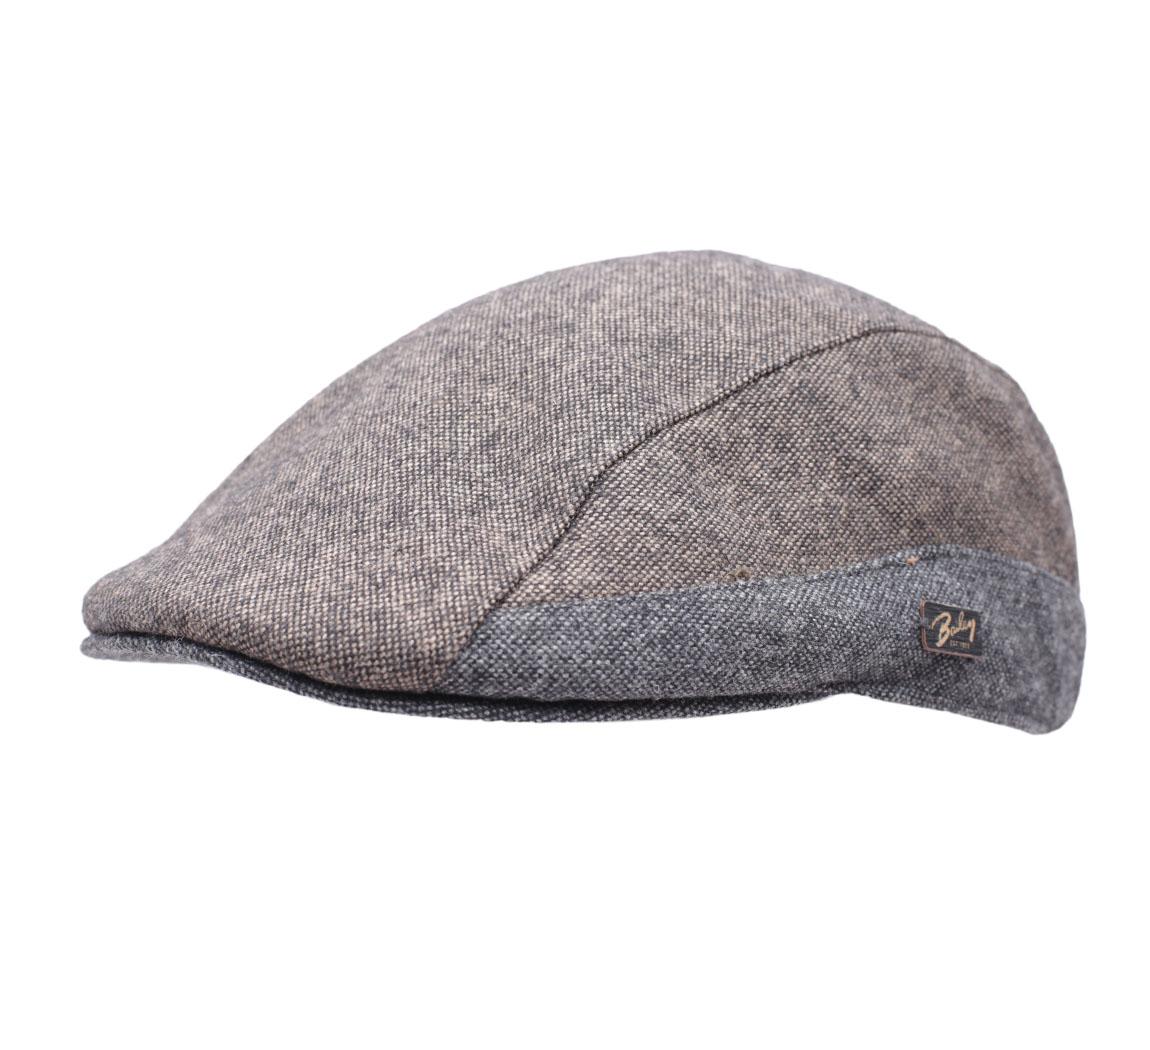 casquette femme habille mode femme 83056 noir chapeau melon derby roule bordure femmes hommes hawkin. Black Bedroom Furniture Sets. Home Design Ideas